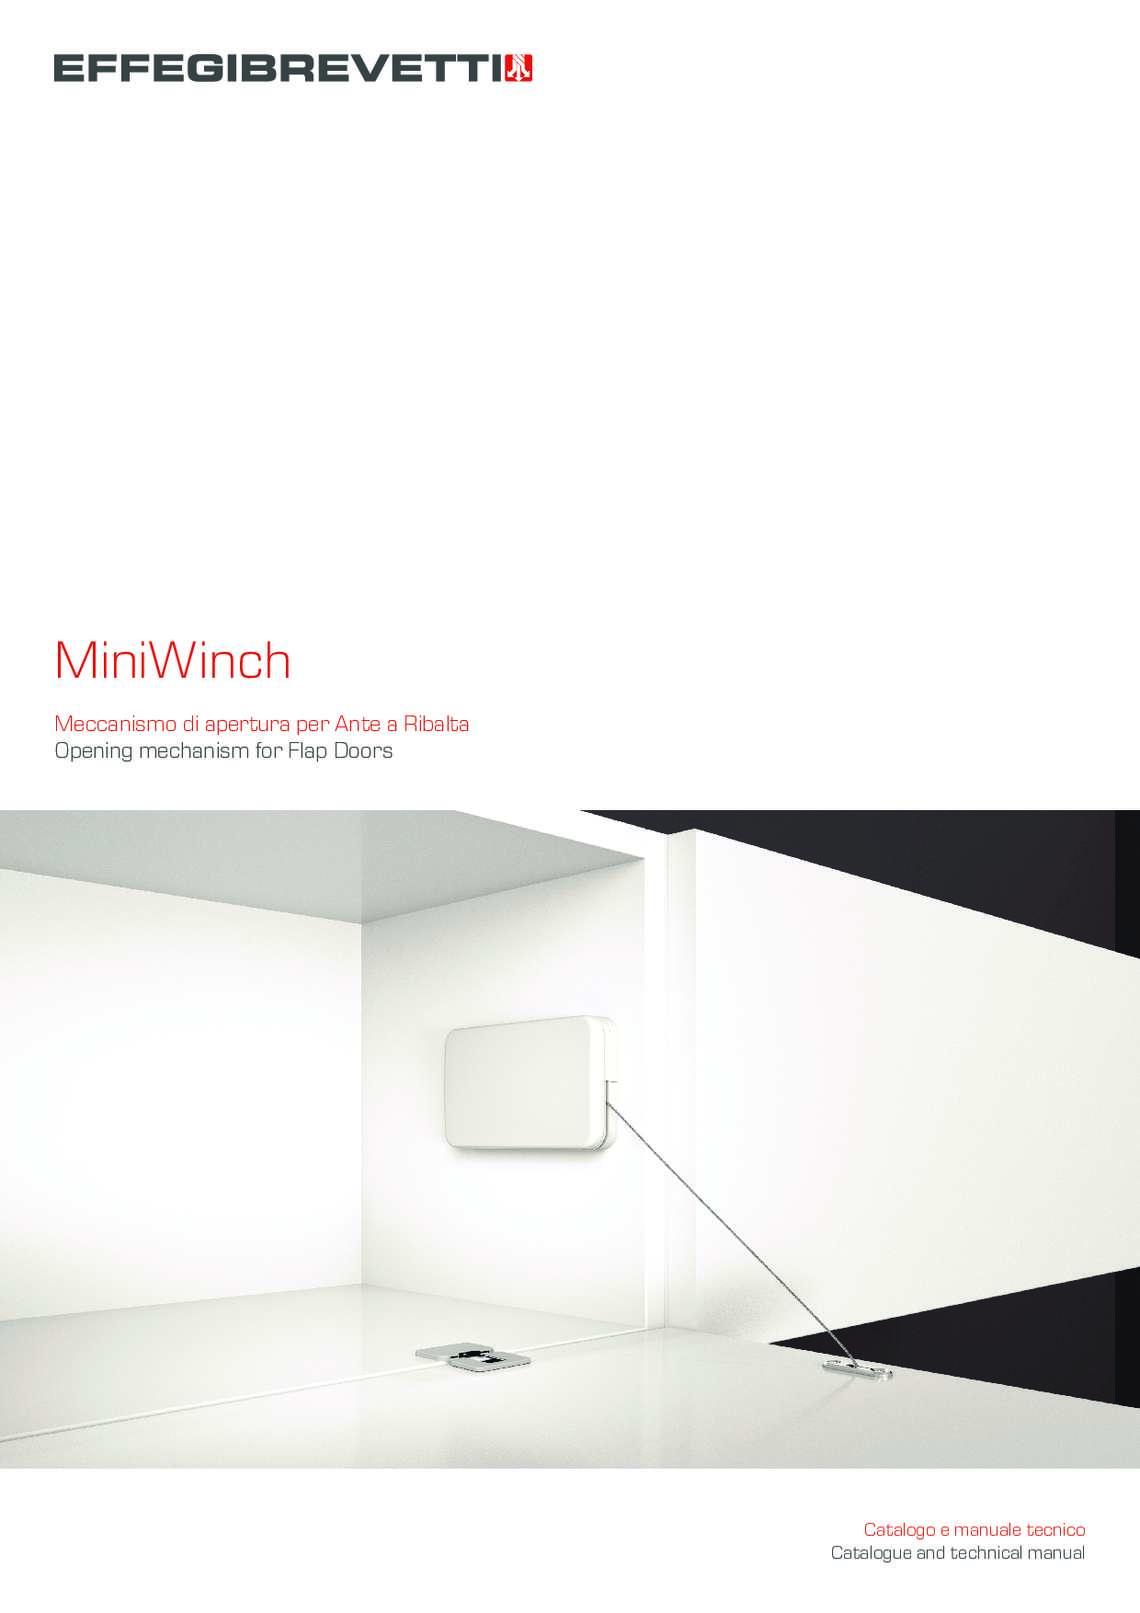 MiniWinch - Meccanismo di apertura per Ante a Ribalta